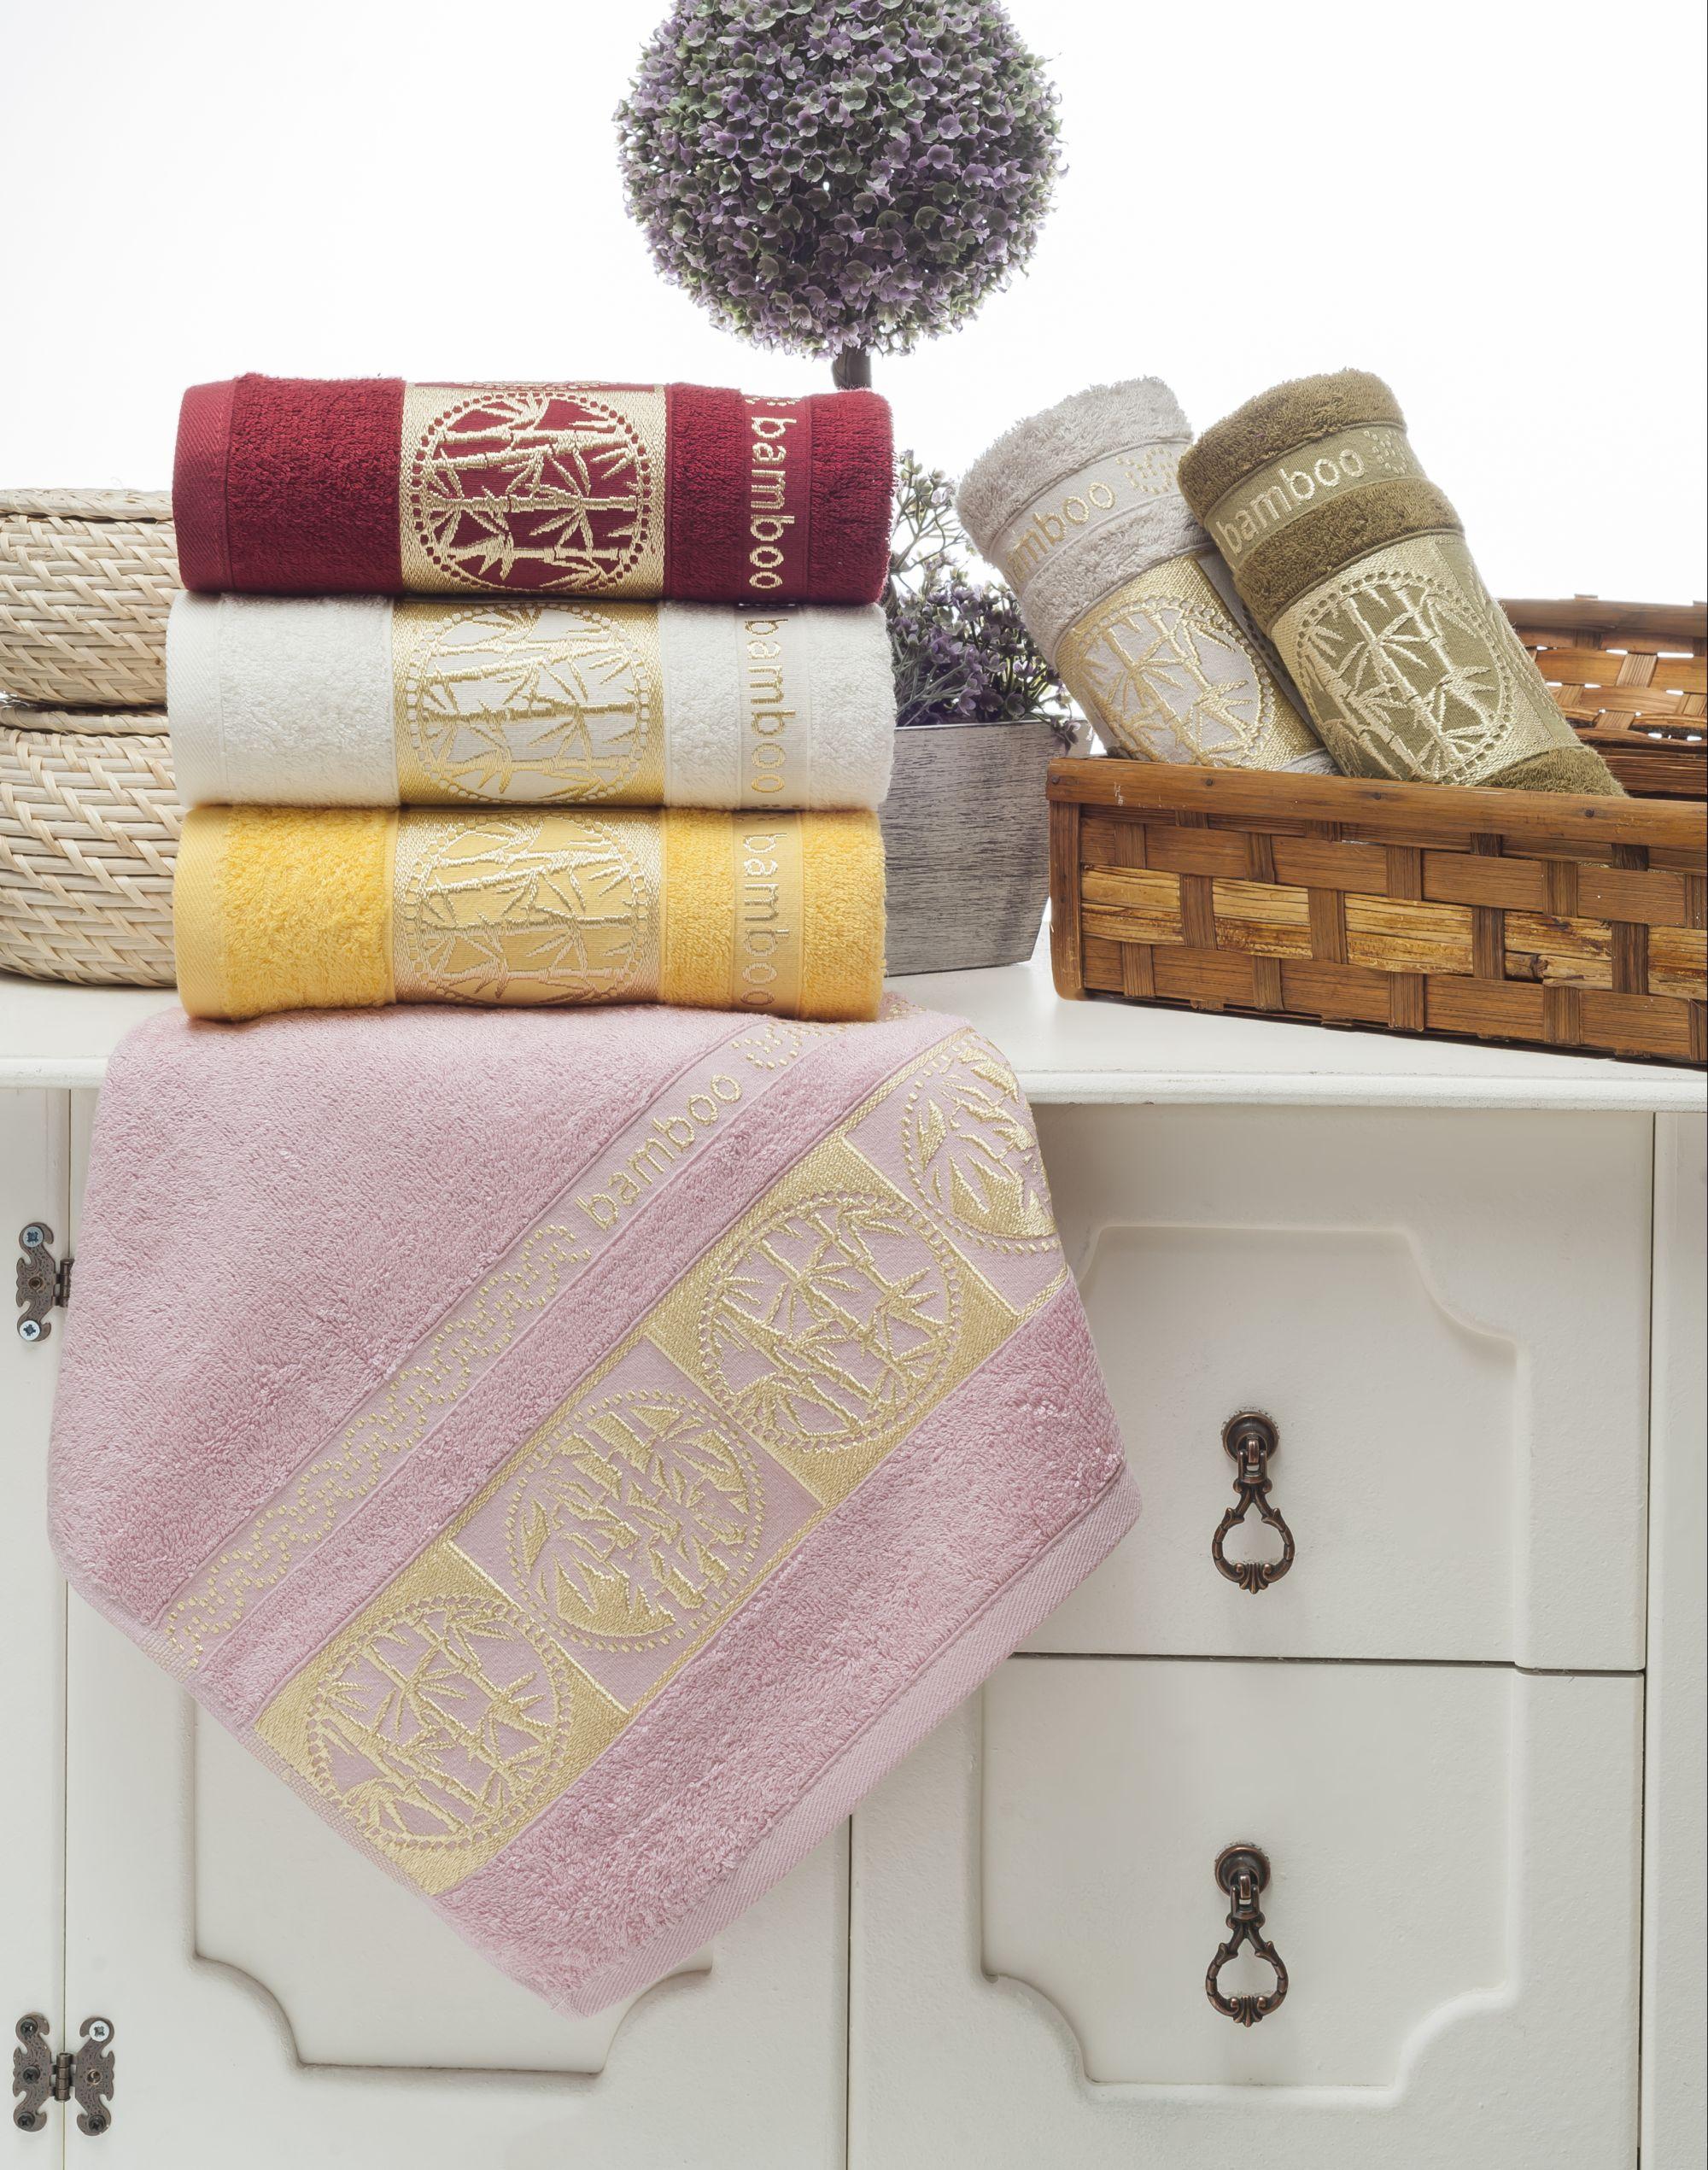 Полотенца Two Dolphins Полотенце Towel (70х140 см - 6 шт) полотенца two dolphins полотенце sofiya 70х140 см 4 шт